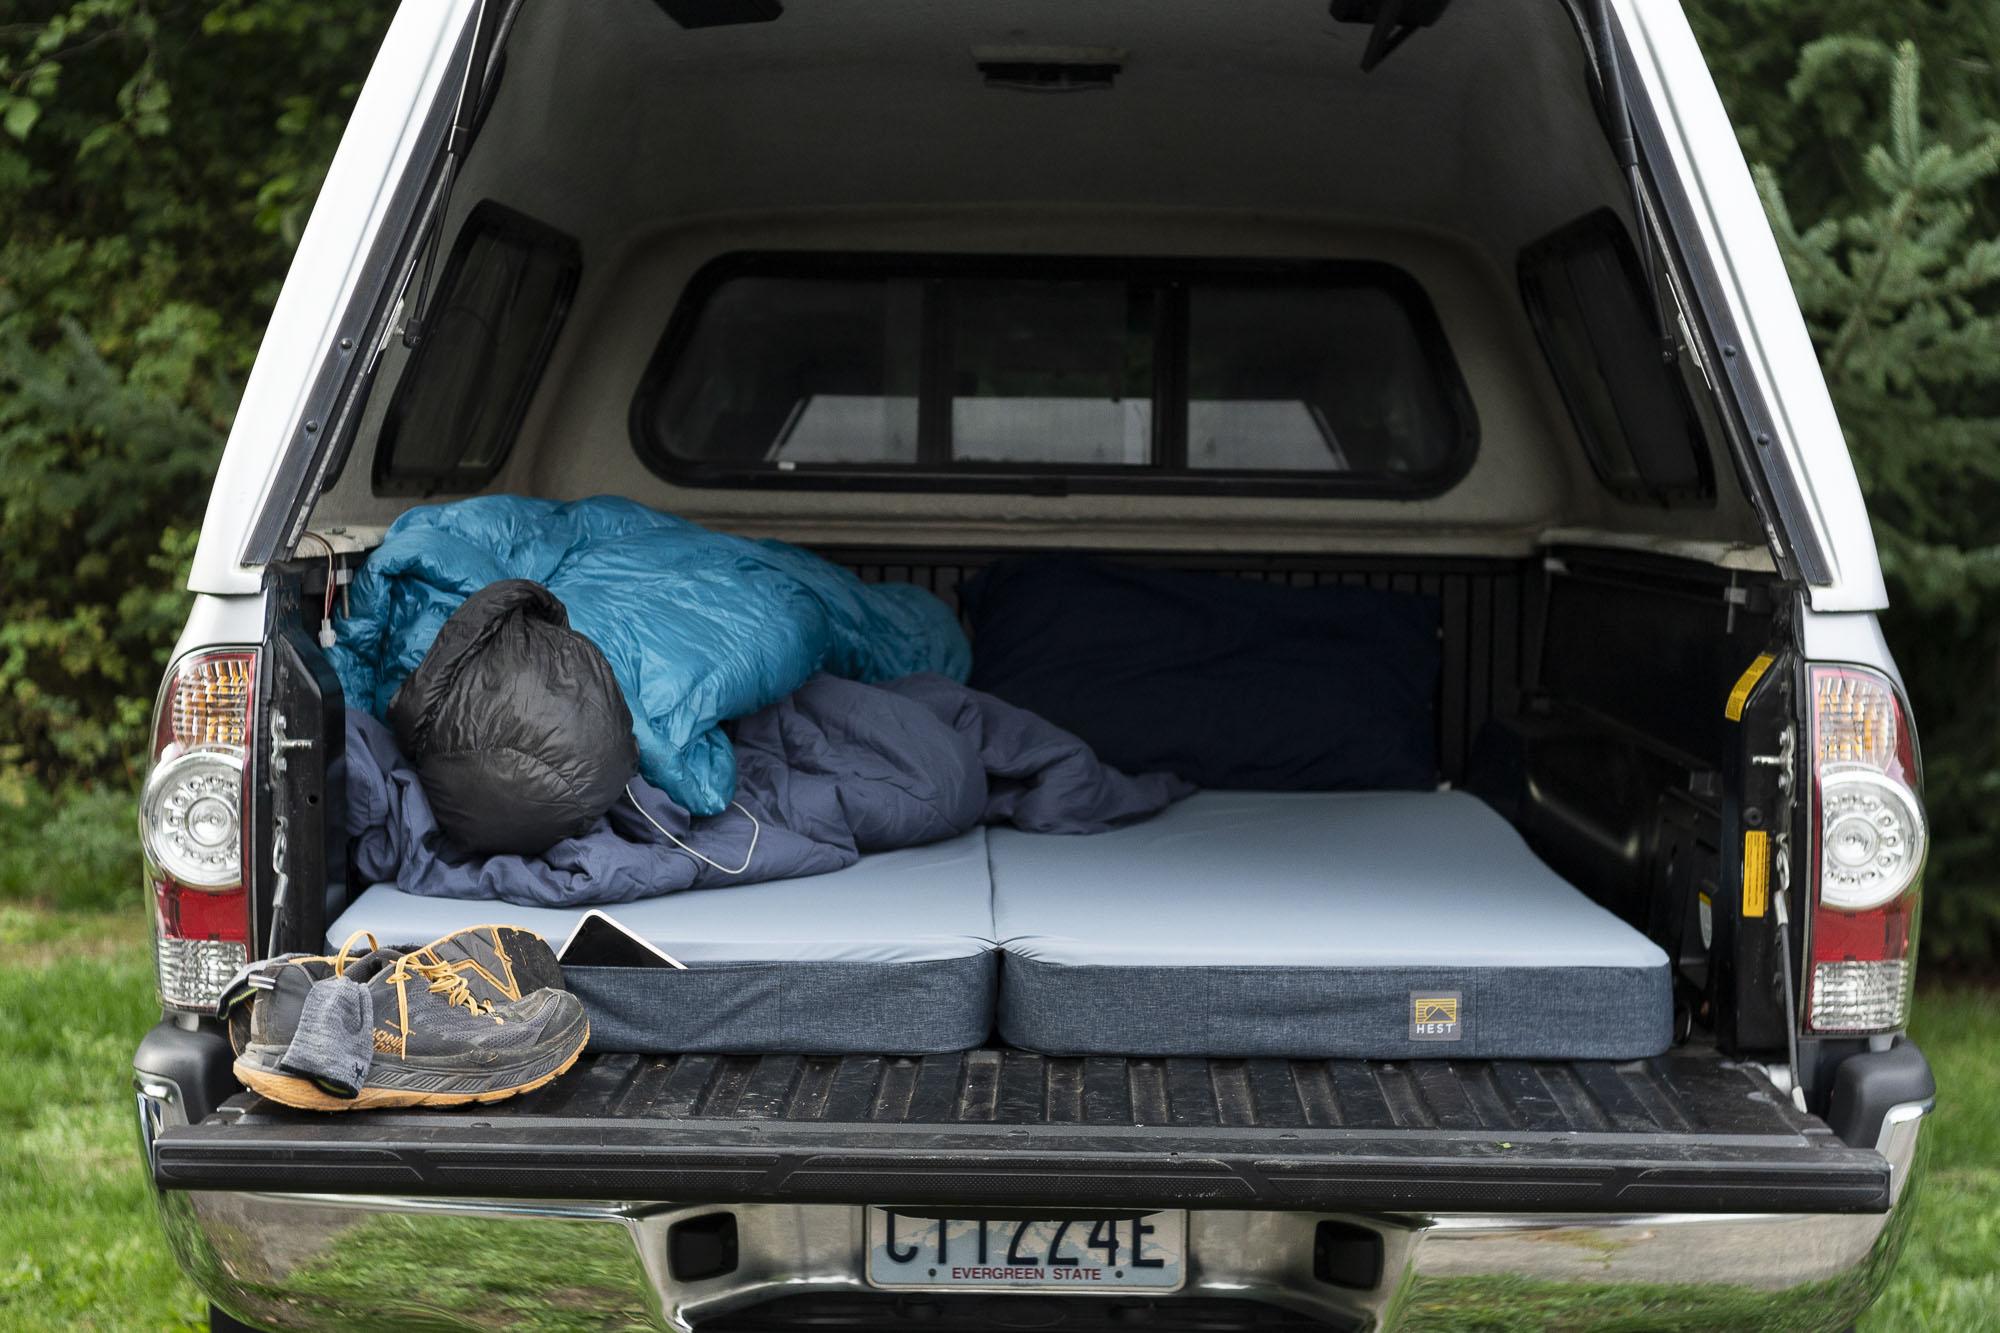 Hest Dually mattress